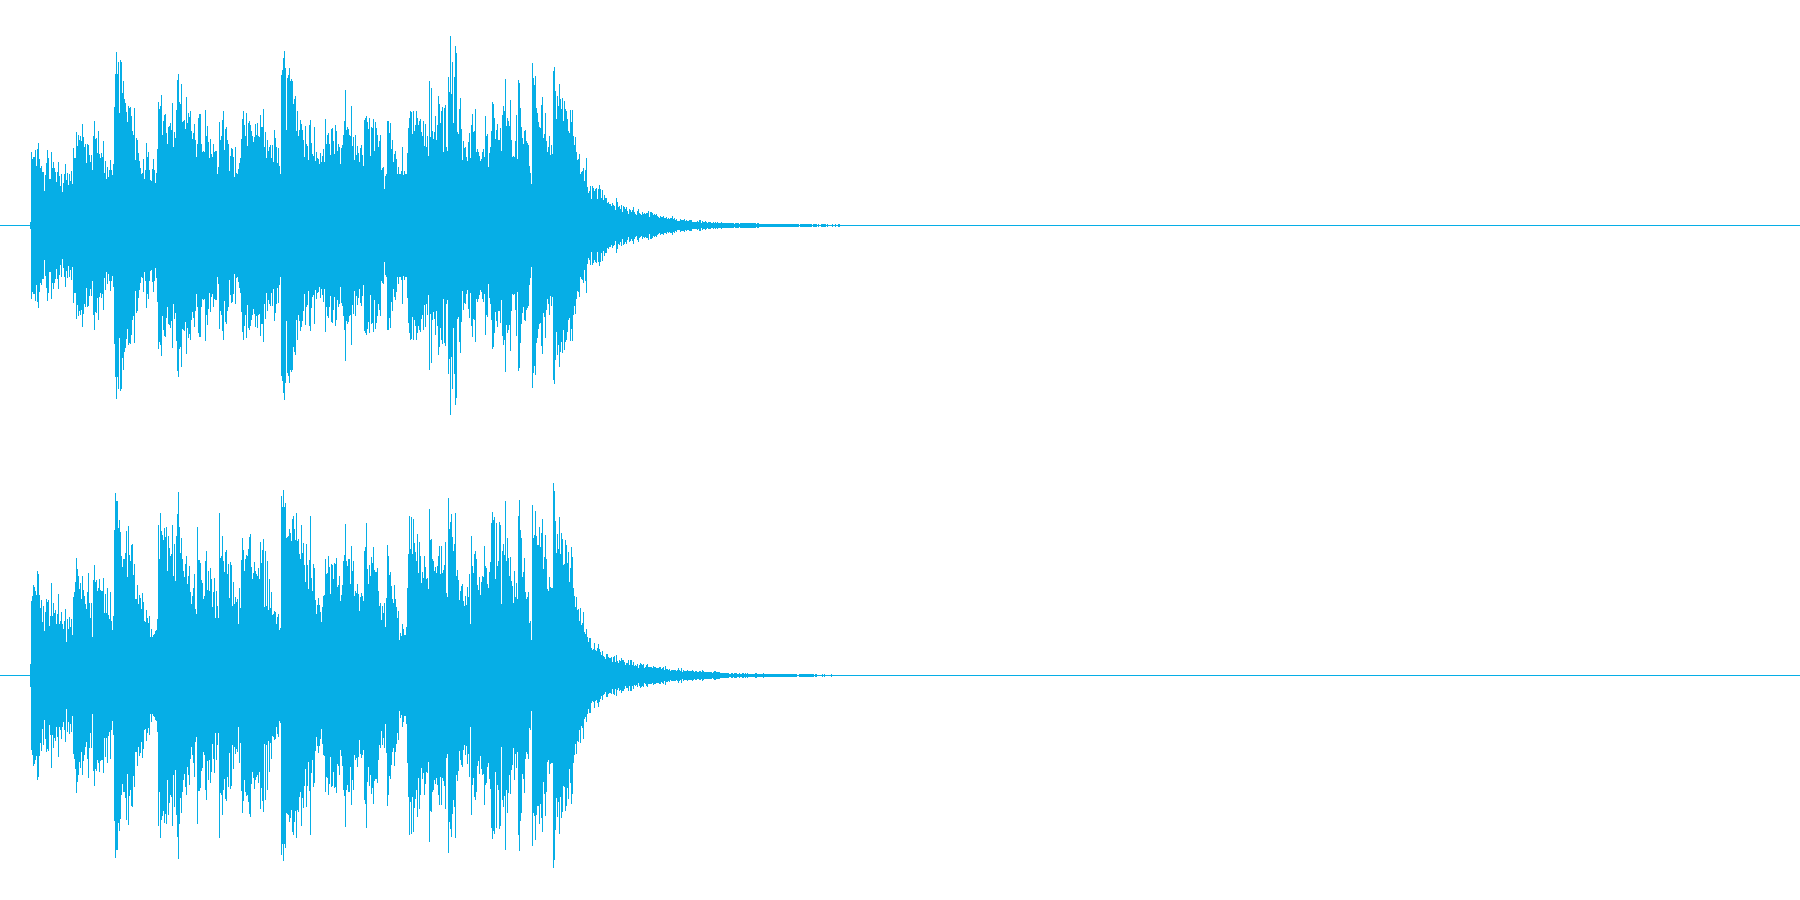 シリアスなドキュメント風マイナー調の曲の再生済みの波形